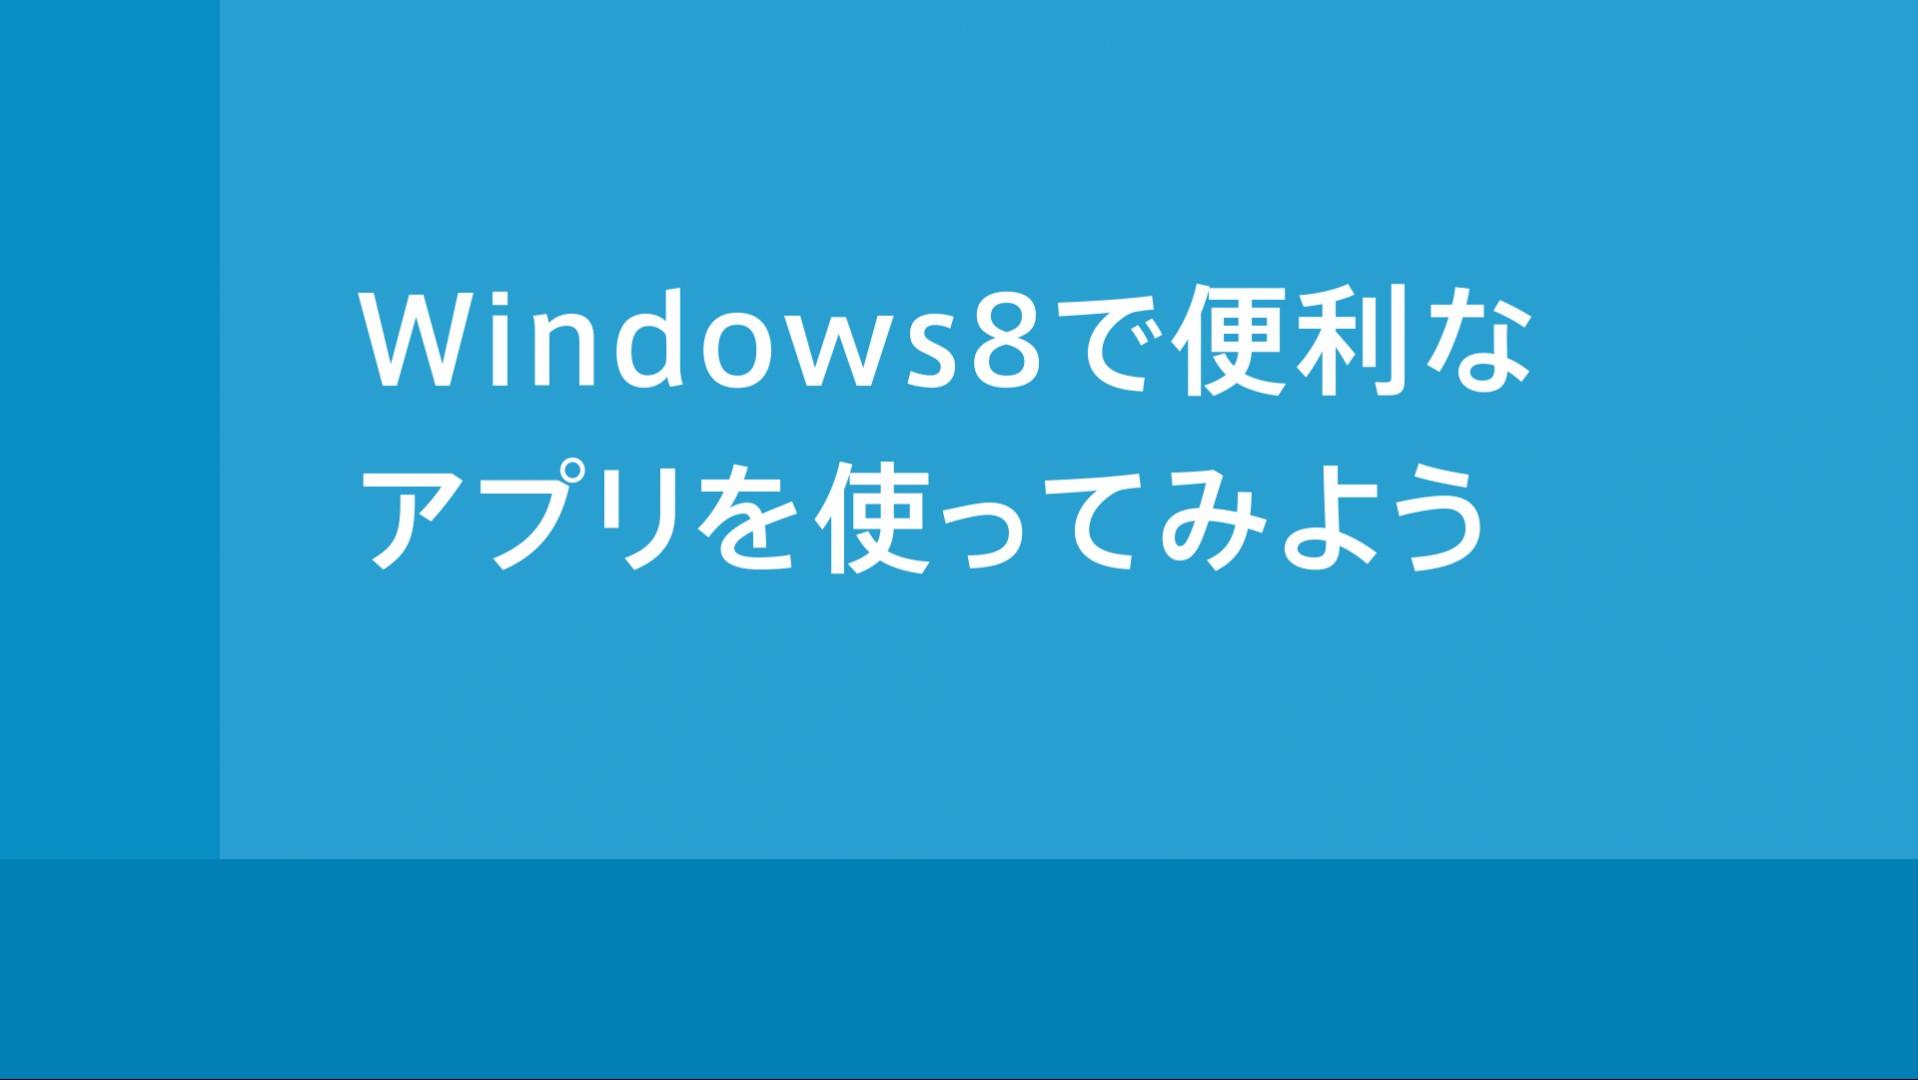 写真をメールで送信して共有する方法 Windows 8